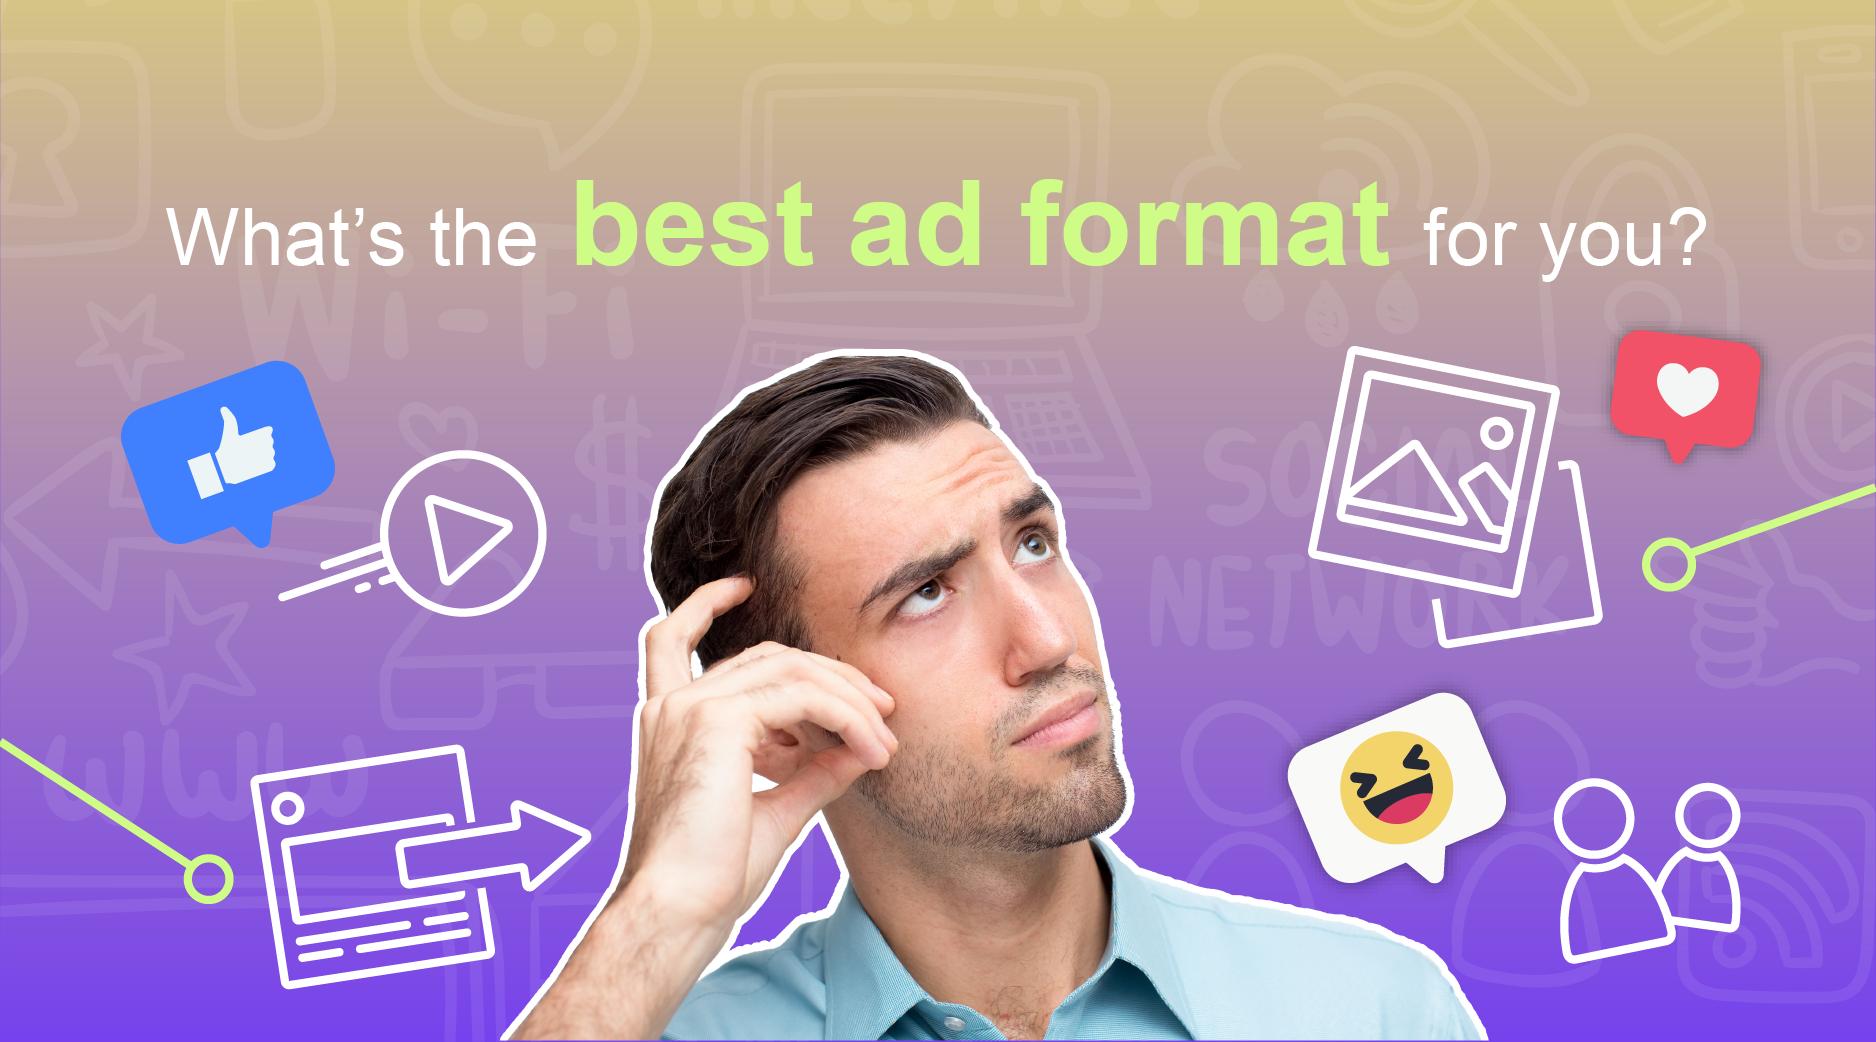 FB Advertising, Ad format